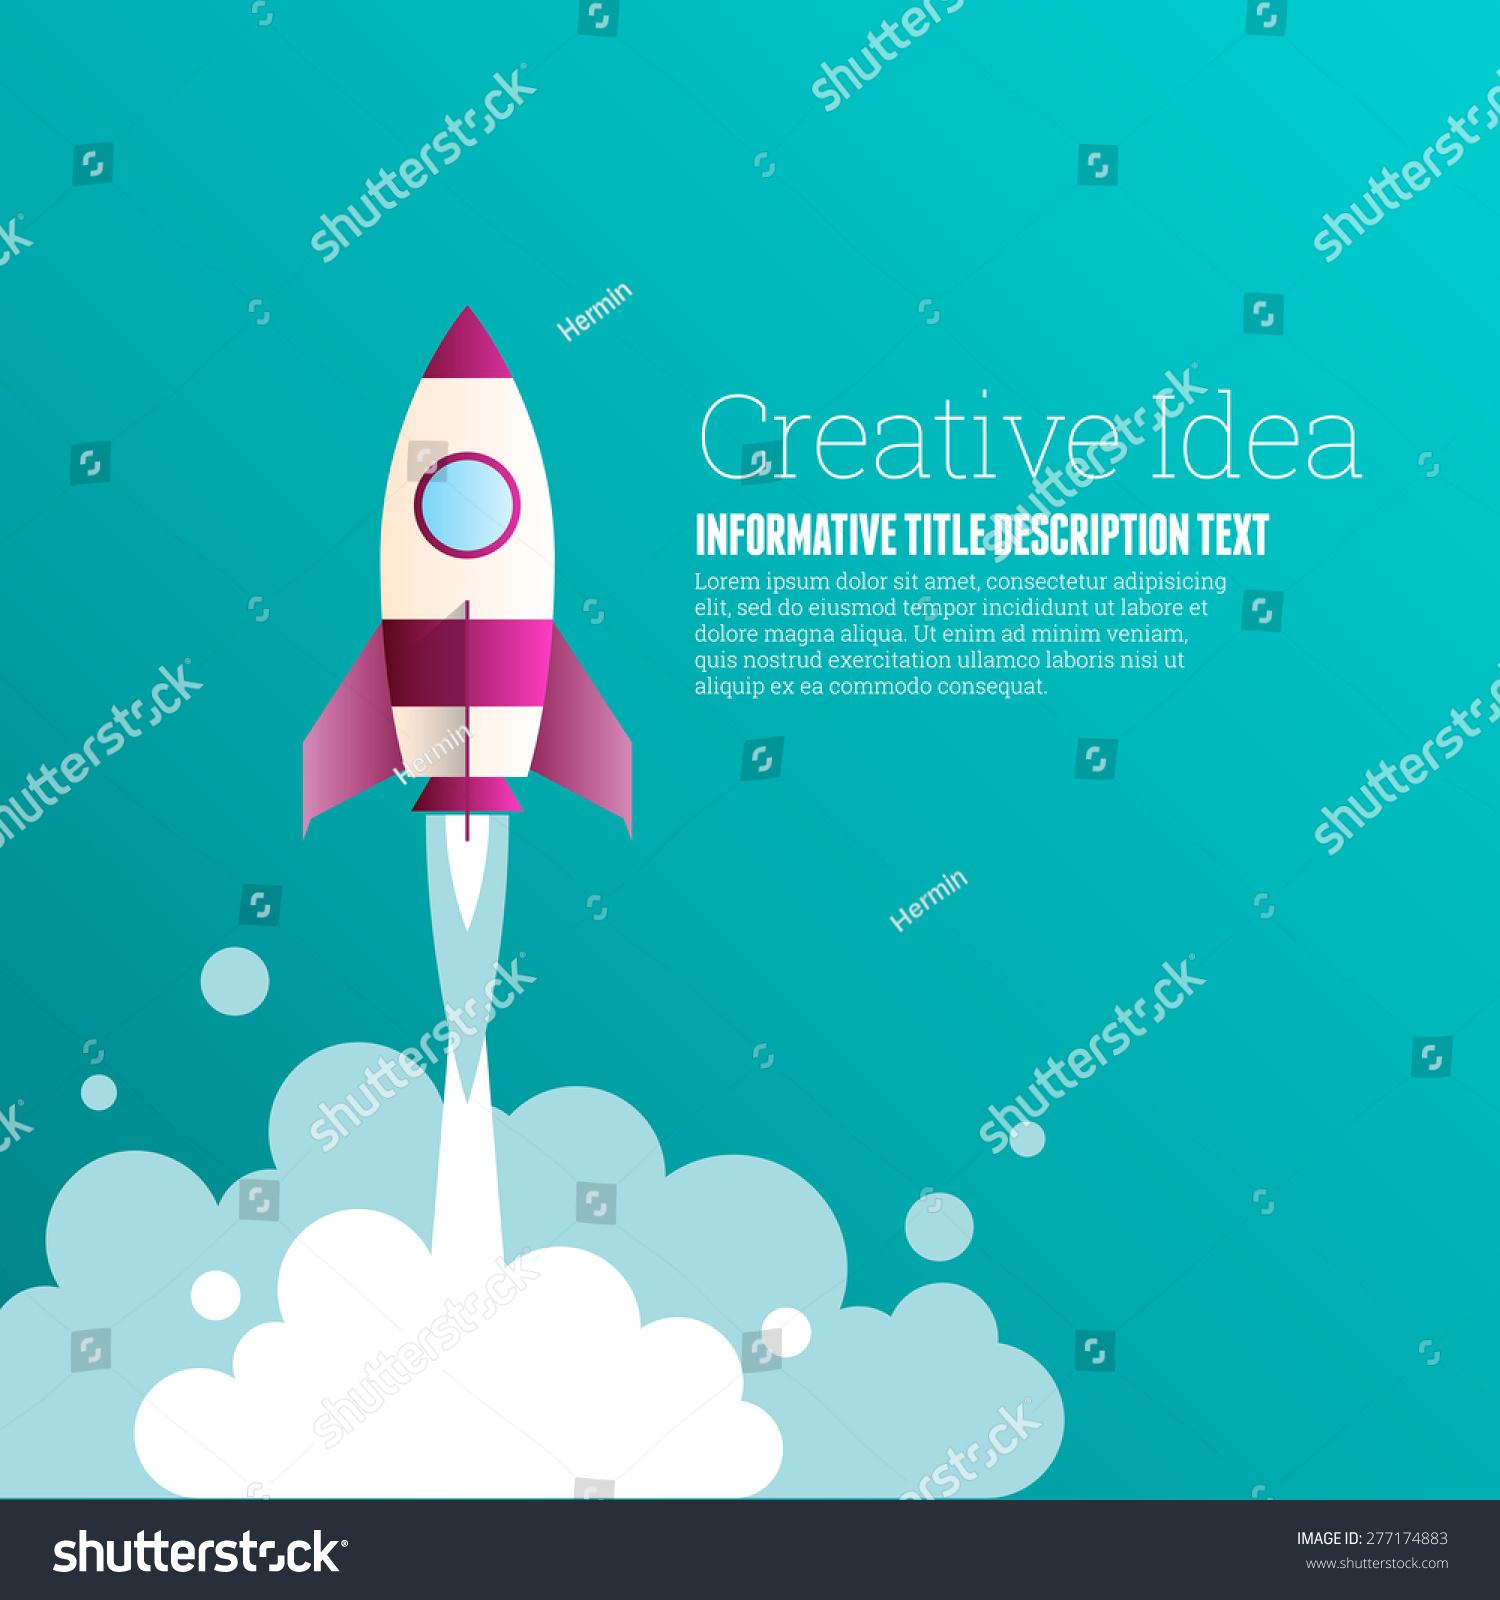 矢量插图创意copyspace设计元素.-背景/素材,符号/-()